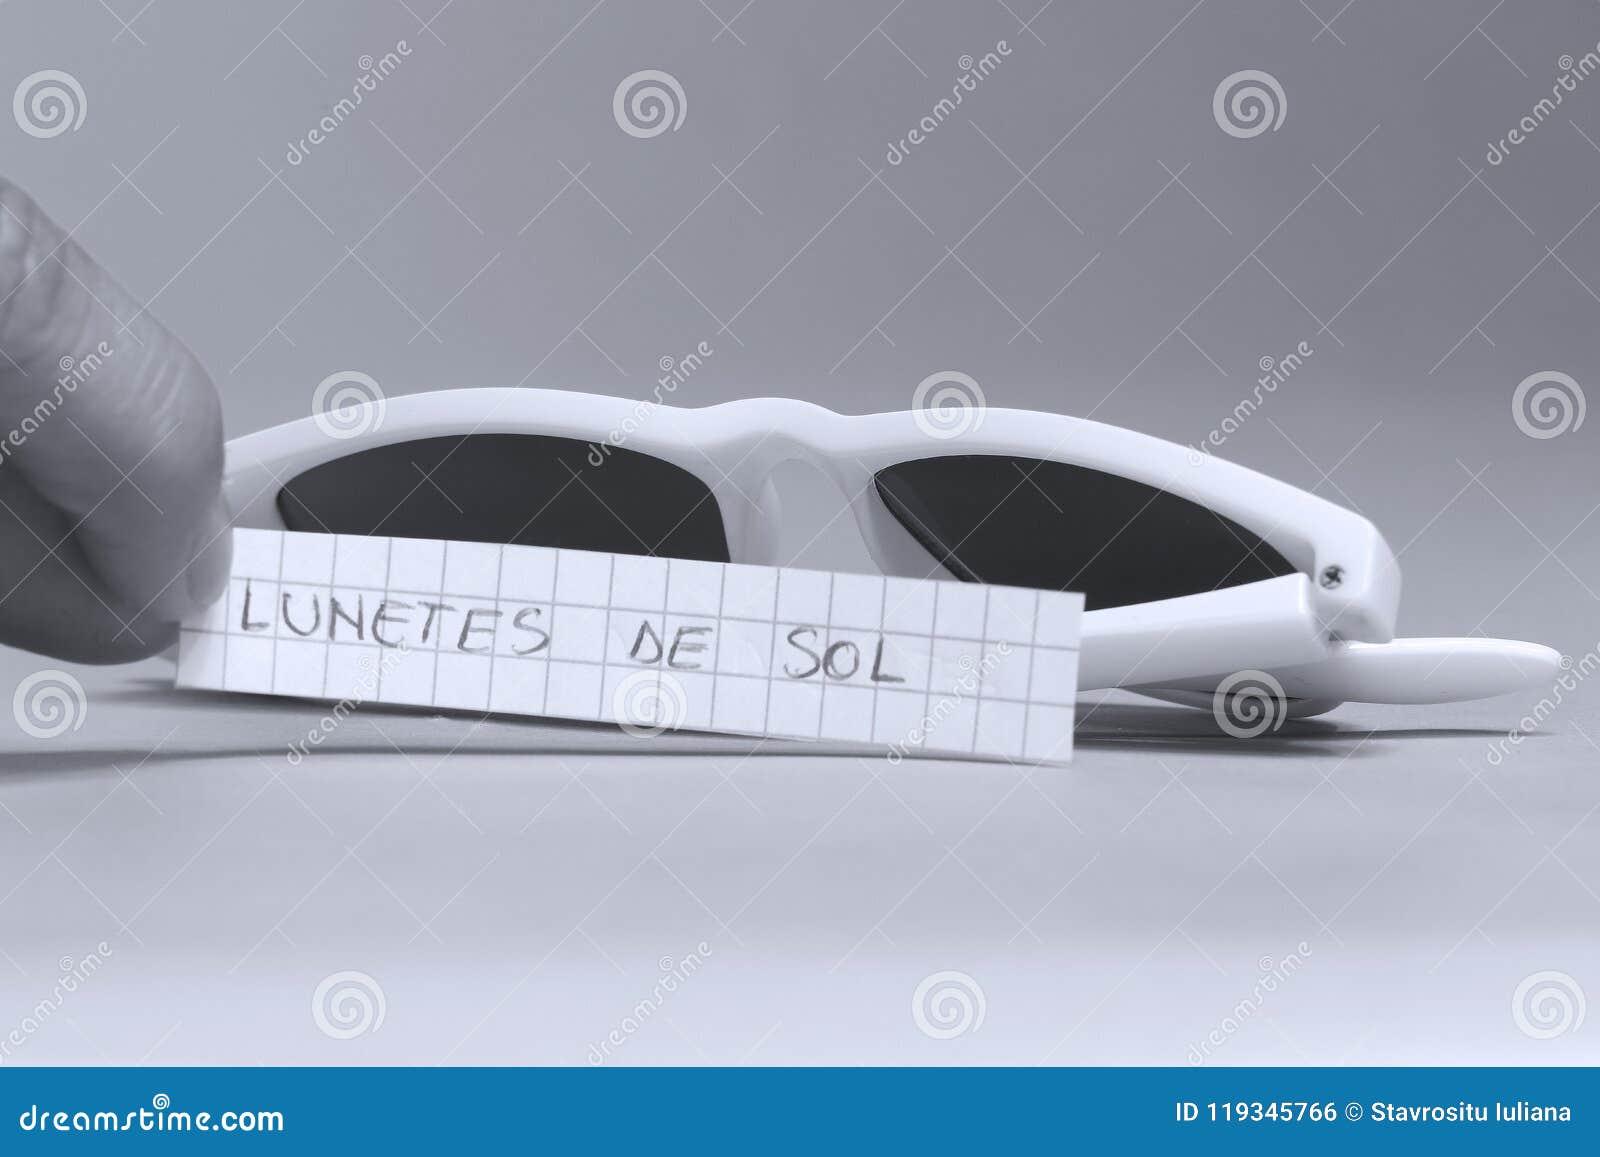 Sonnenbrille auf englisch ist Lunetes de sol in der spanischen Sprache